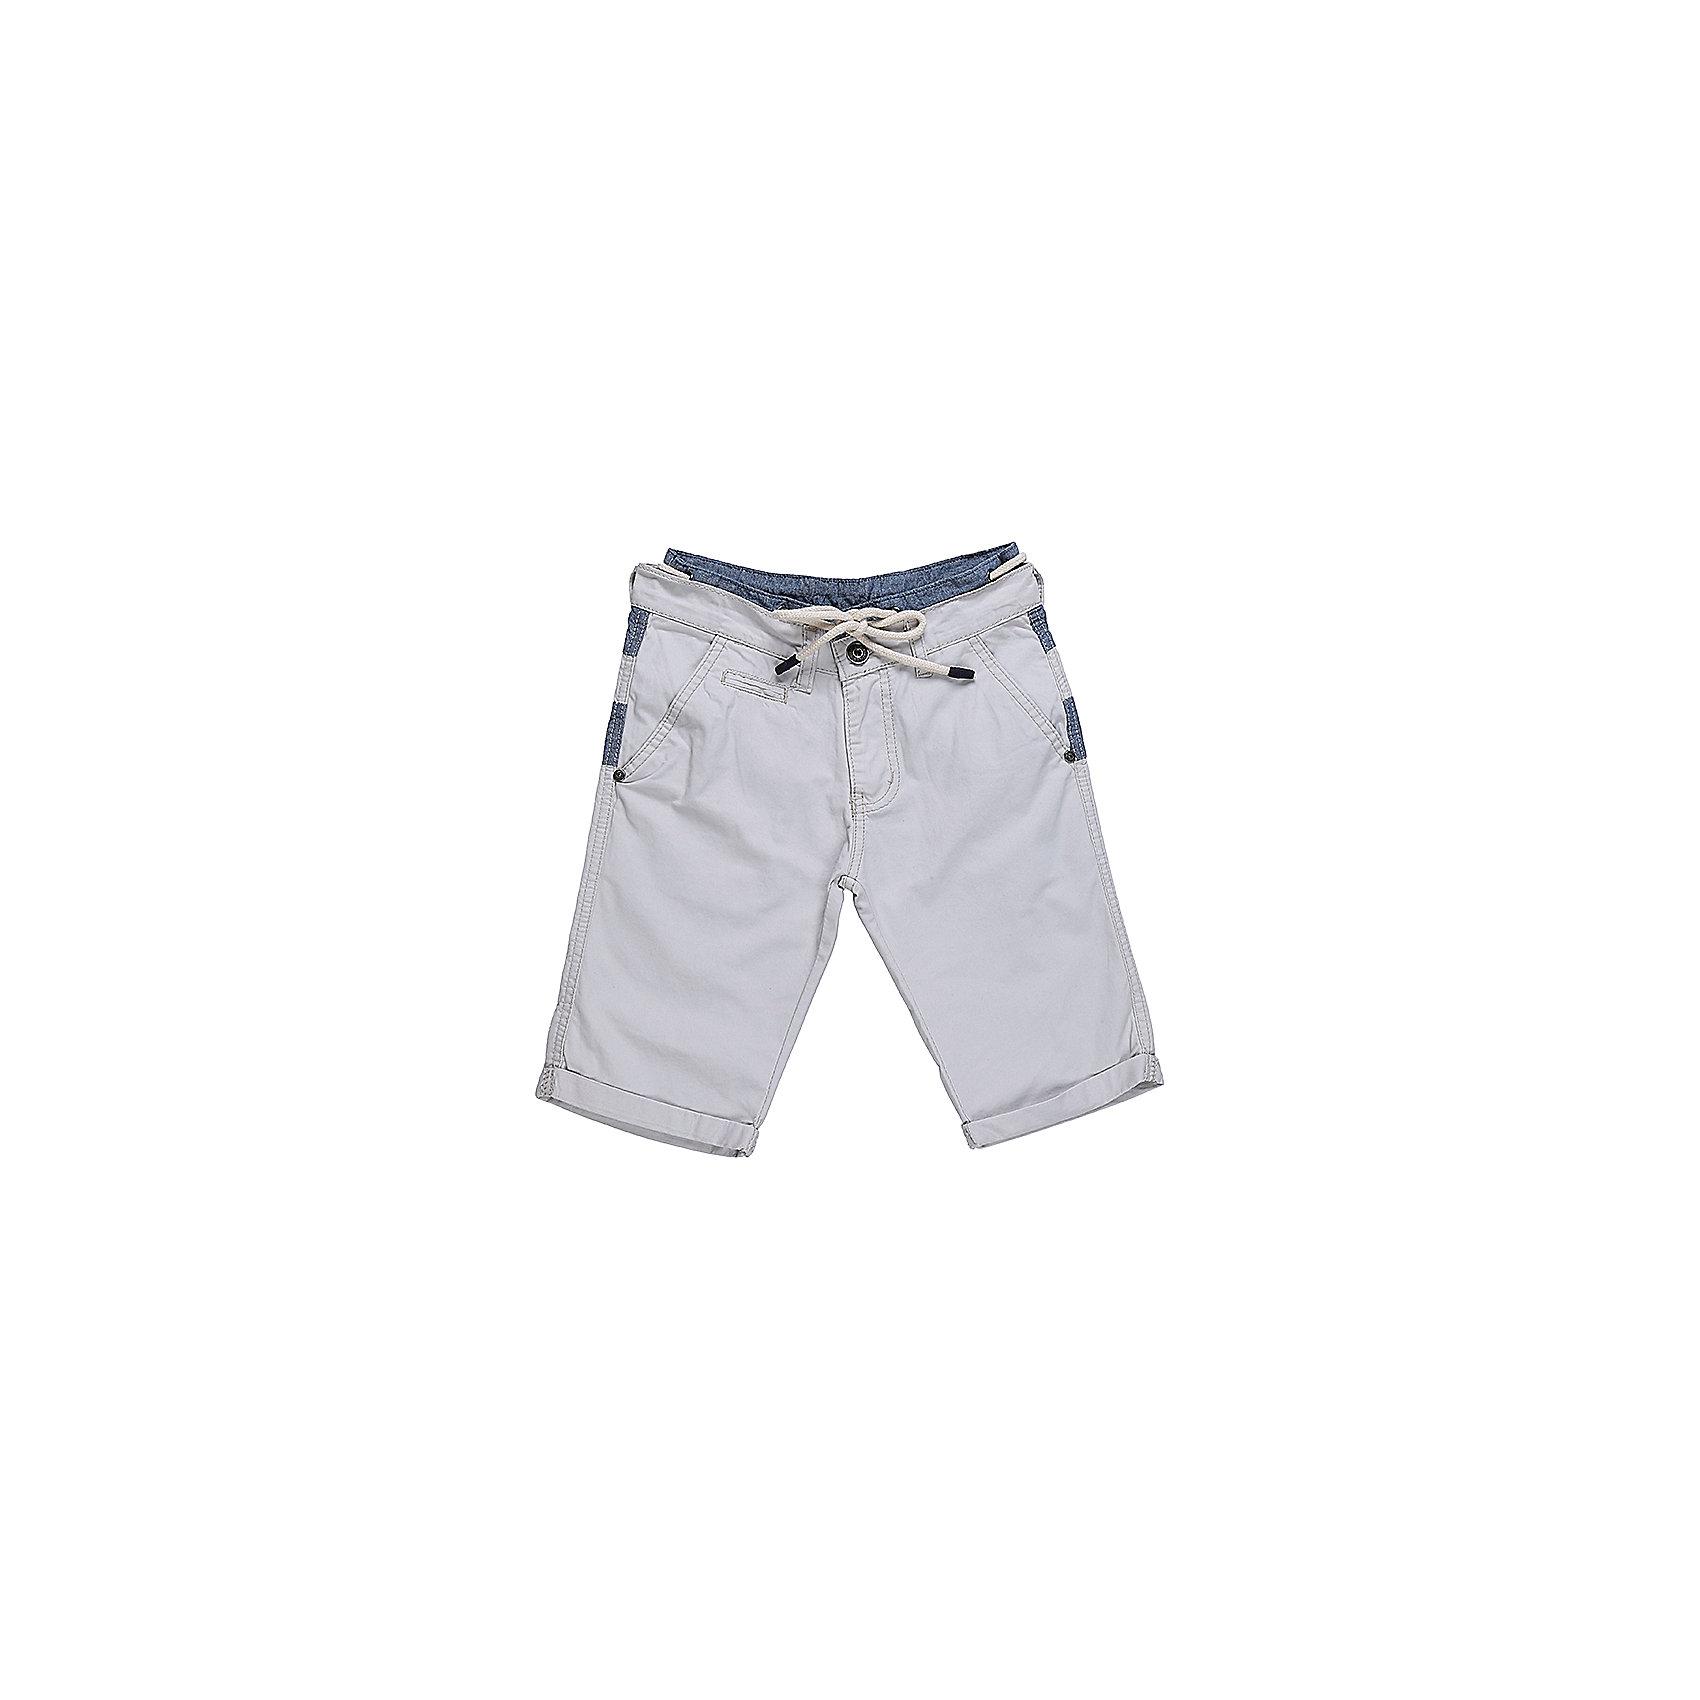 Шорты для мальчика LuminosoШорты, бриджи, капри<br>Оригинальные текстильные шорты для мальчика из комбинированной ткани. Пояс изделия декорирован шнуром. Два прорезных кармана по бокам. Застегиваются на молнию и пуговицу.  В боковой части пояса находятся вшитые эластичные ленты, регулирующие посадку по талии.<br>Состав:<br>100%хлопок<br><br>Ширина мм: 191<br>Глубина мм: 10<br>Высота мм: 175<br>Вес г: 273<br>Цвет: бежевый<br>Возраст от месяцев: 96<br>Возраст до месяцев: 108<br>Пол: Мужской<br>Возраст: Детский<br>Размер: 134,146,140,152,158,164<br>SKU: 5413767